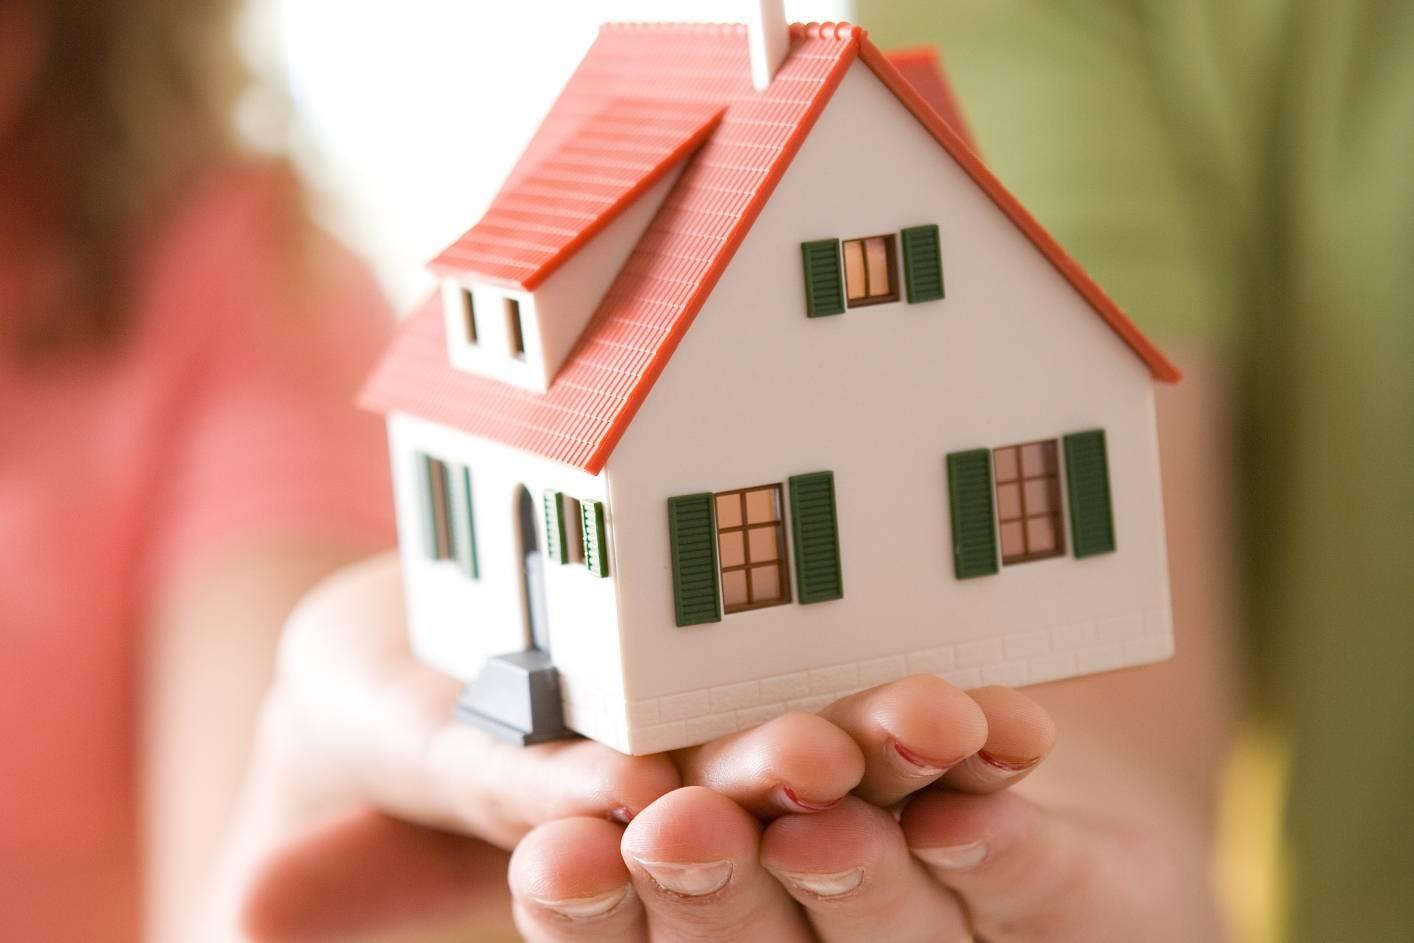 Las transacciones de viviendas aumentaron más en La Rioja, Murcia y la Comunidad Valenciana.